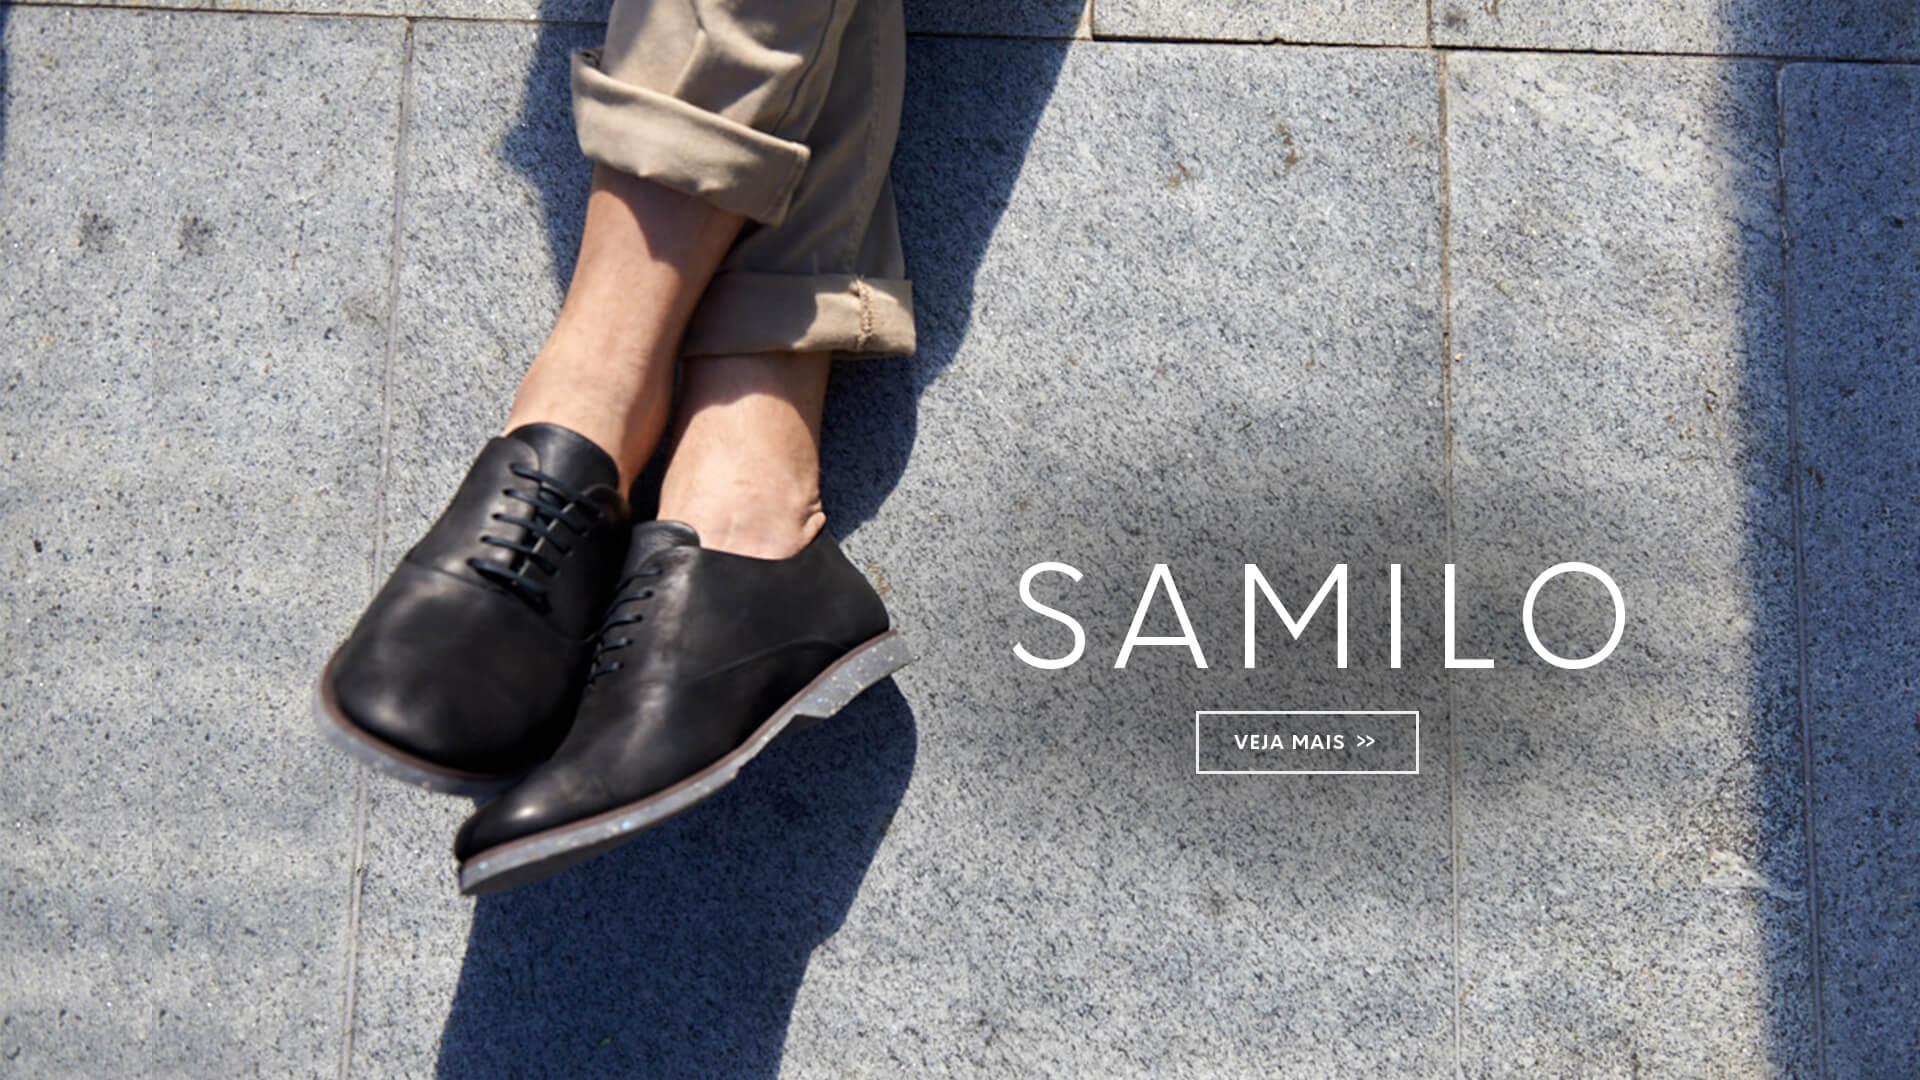 Samilo